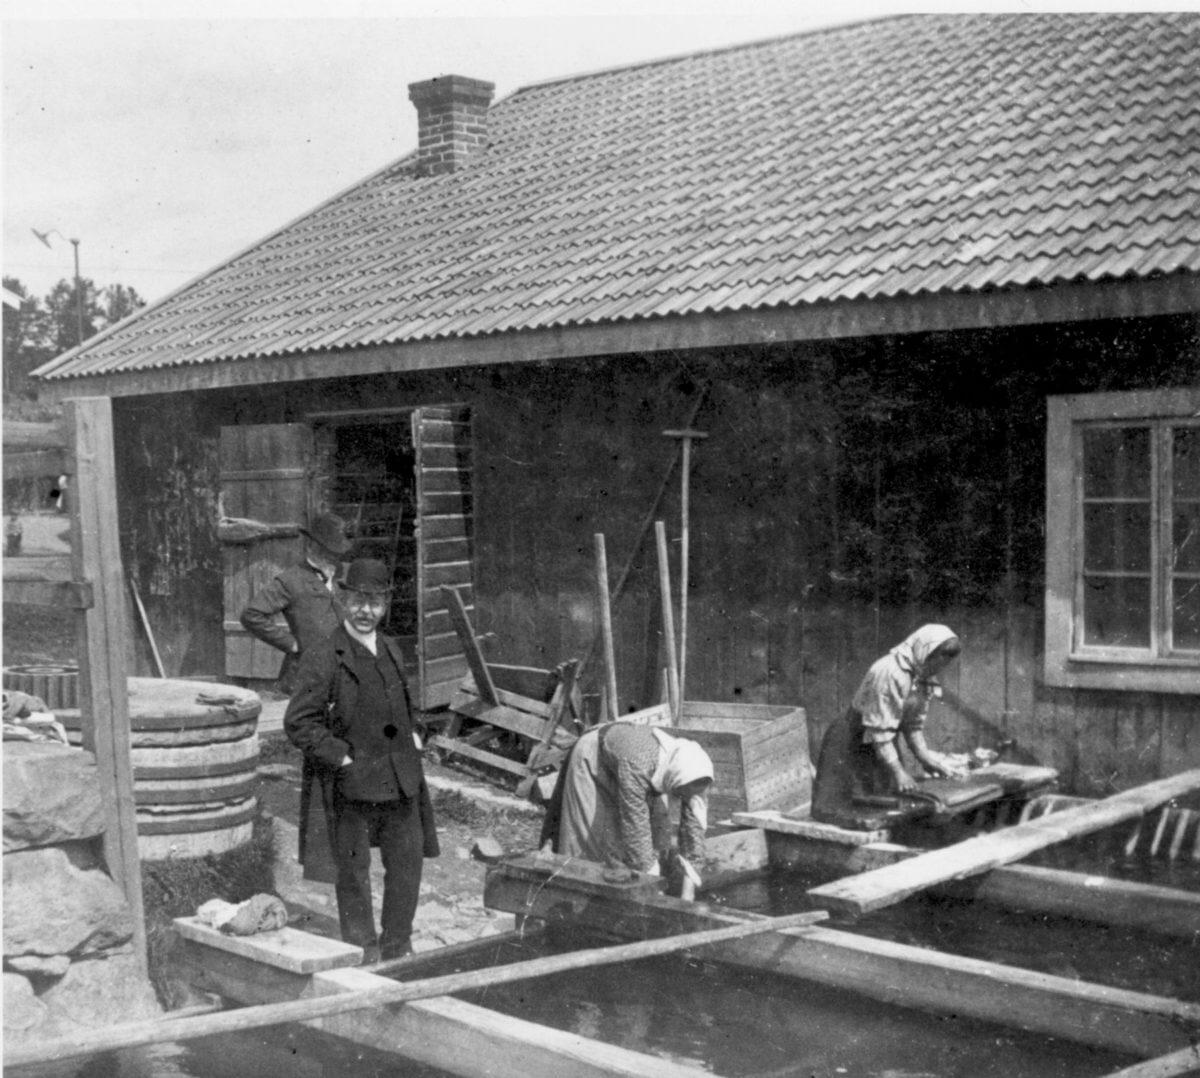 Två kvinnor arbetar intill en fiskebod i skärgården. Två män i kostym och hatt ser på.